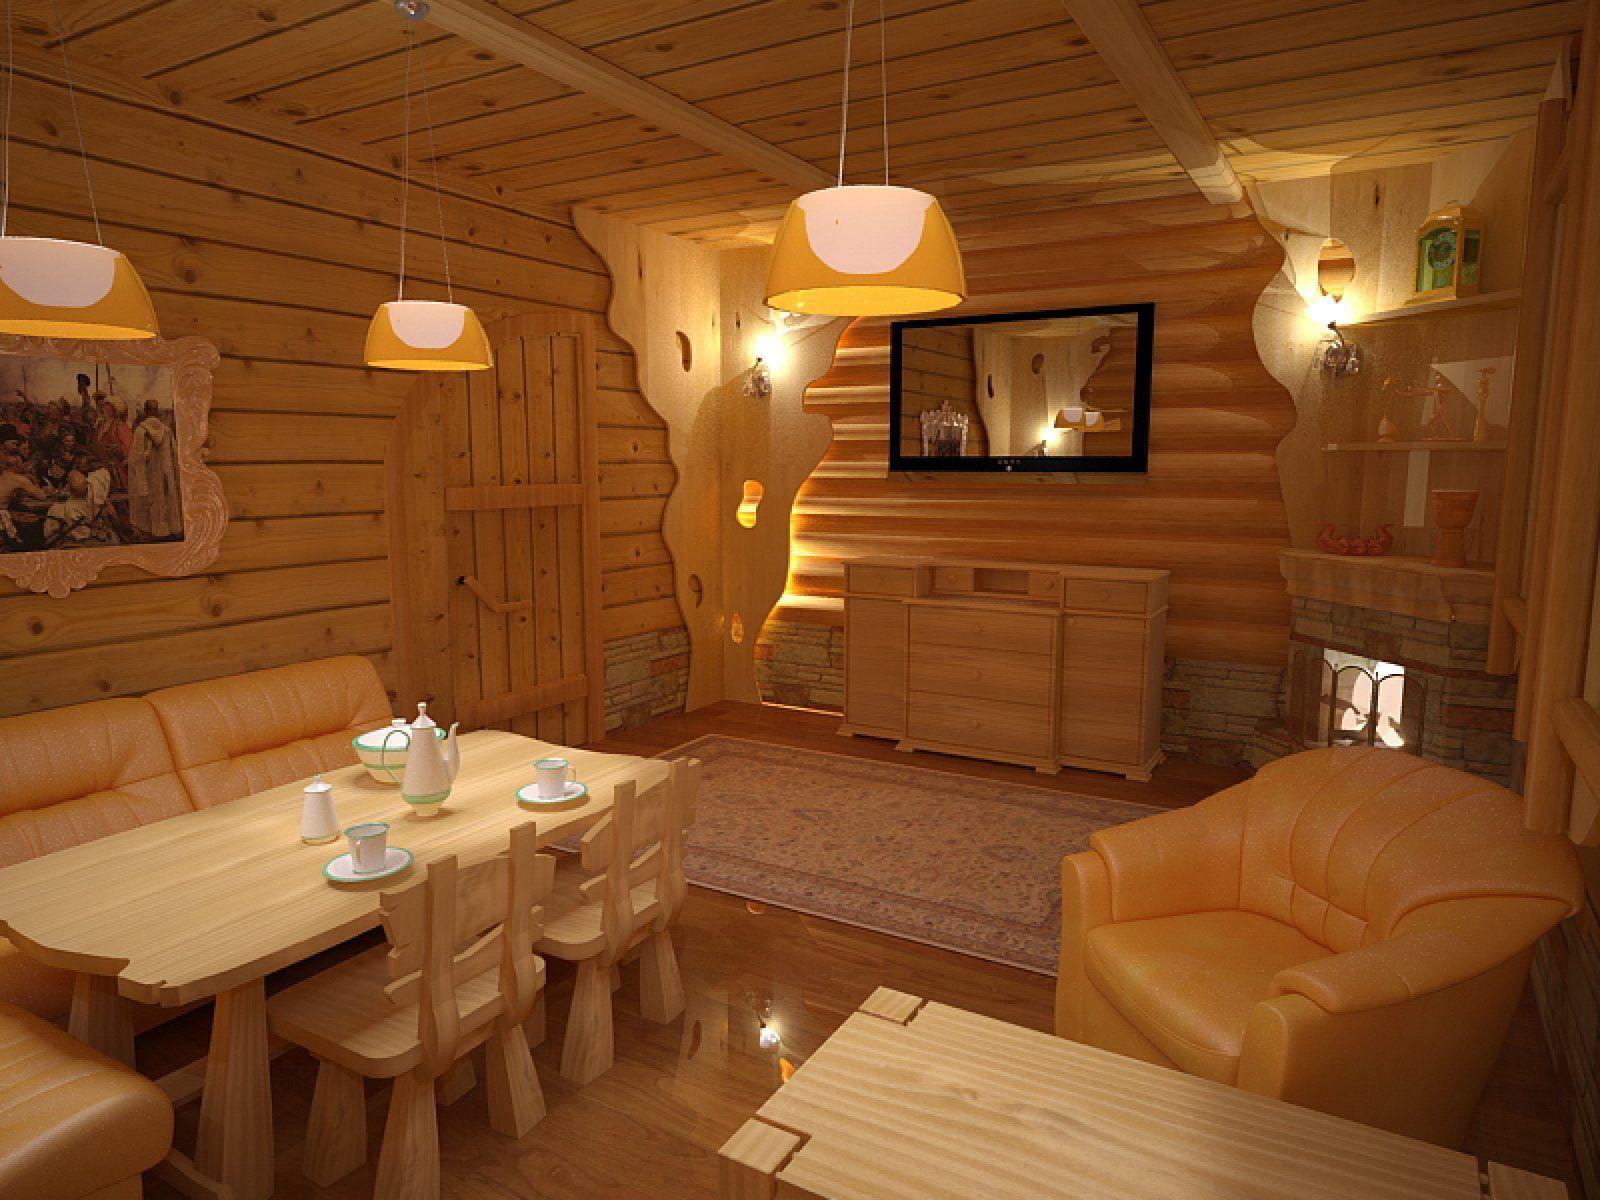 Интерьер бани: 75 фото примеров дизайна внутри